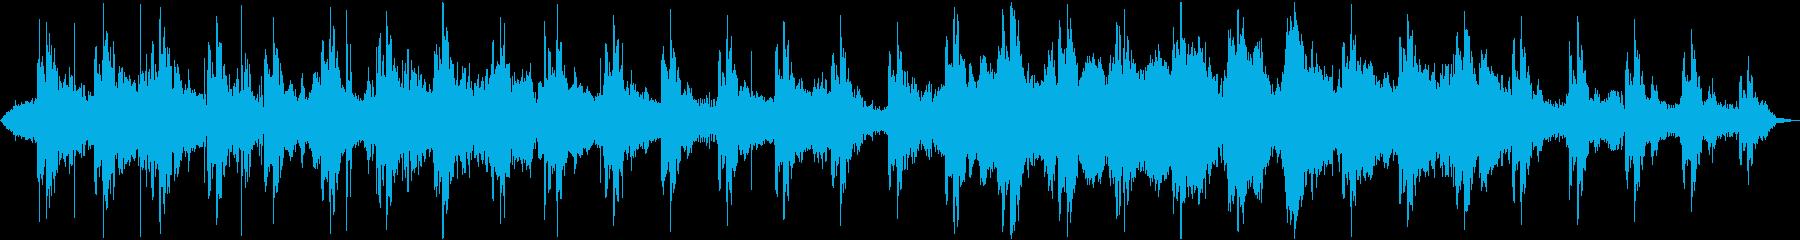 温かい音色のループとサウンドエフェクトの再生済みの波形